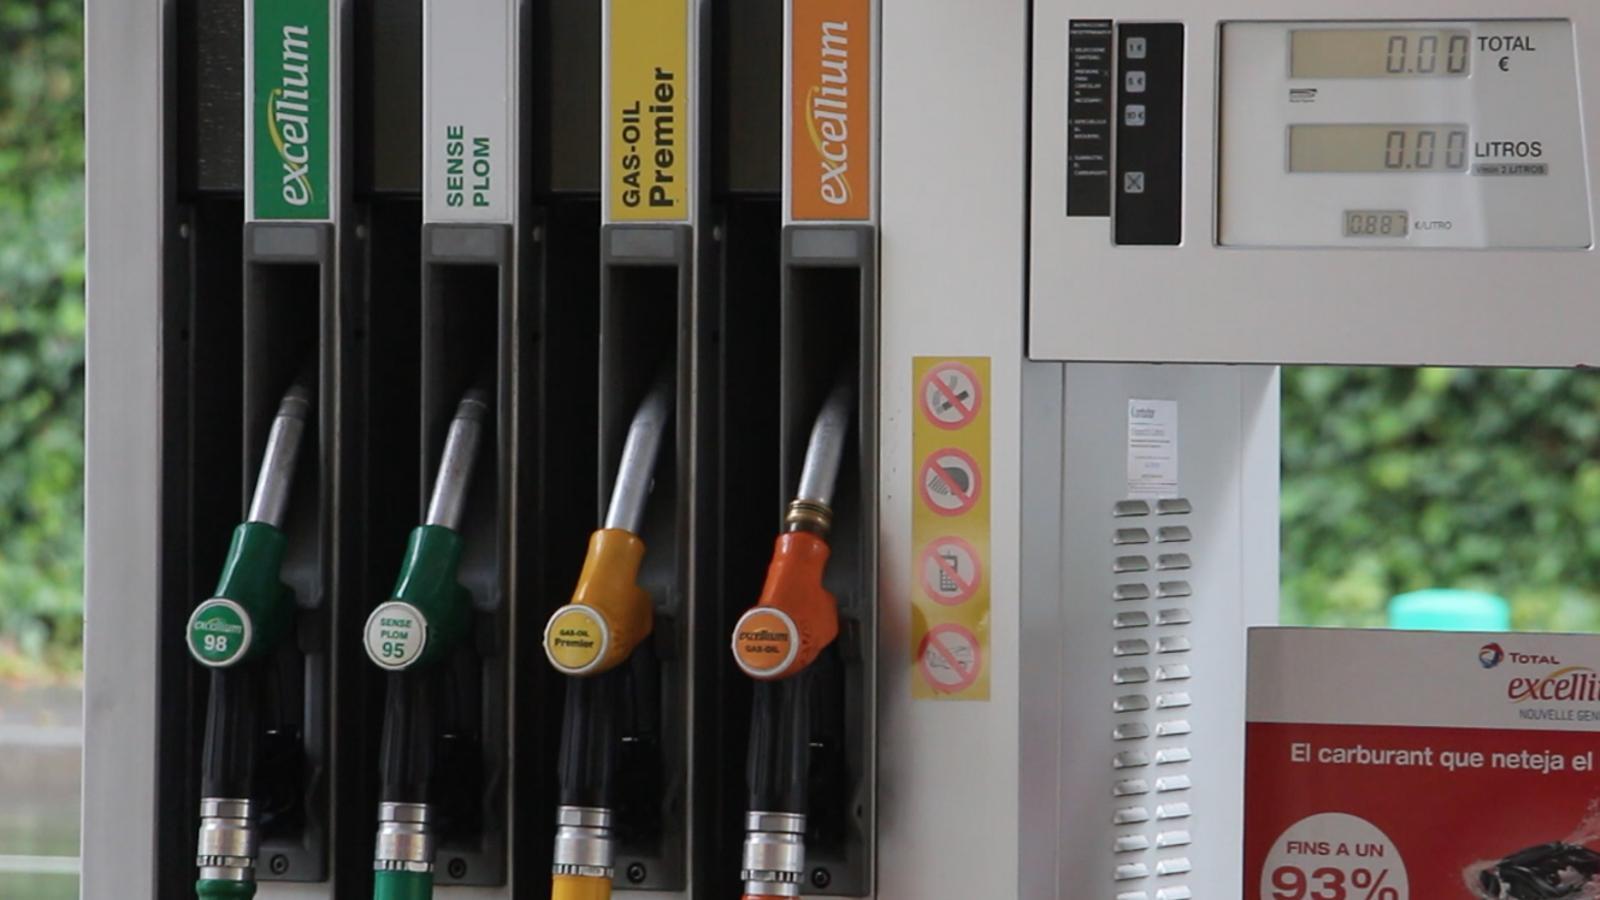 Els carburants han contribuït a l'augment de l'IPC. / ANA